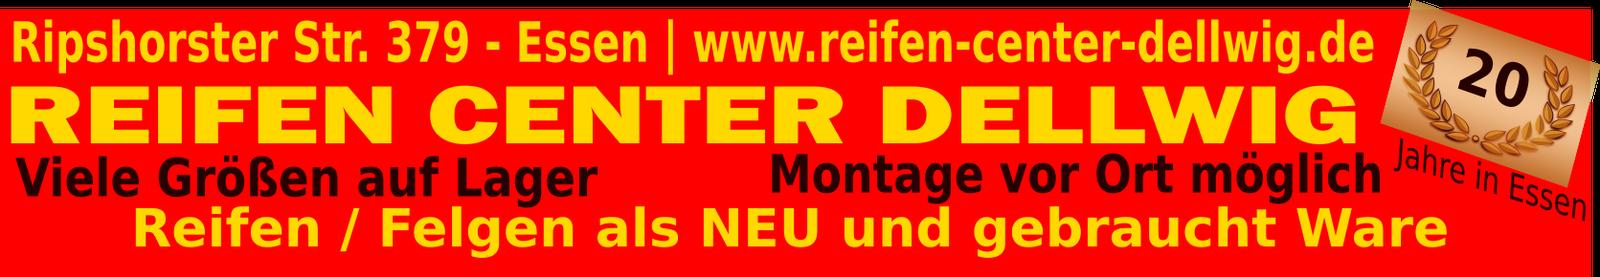 reifen-center-dellwig